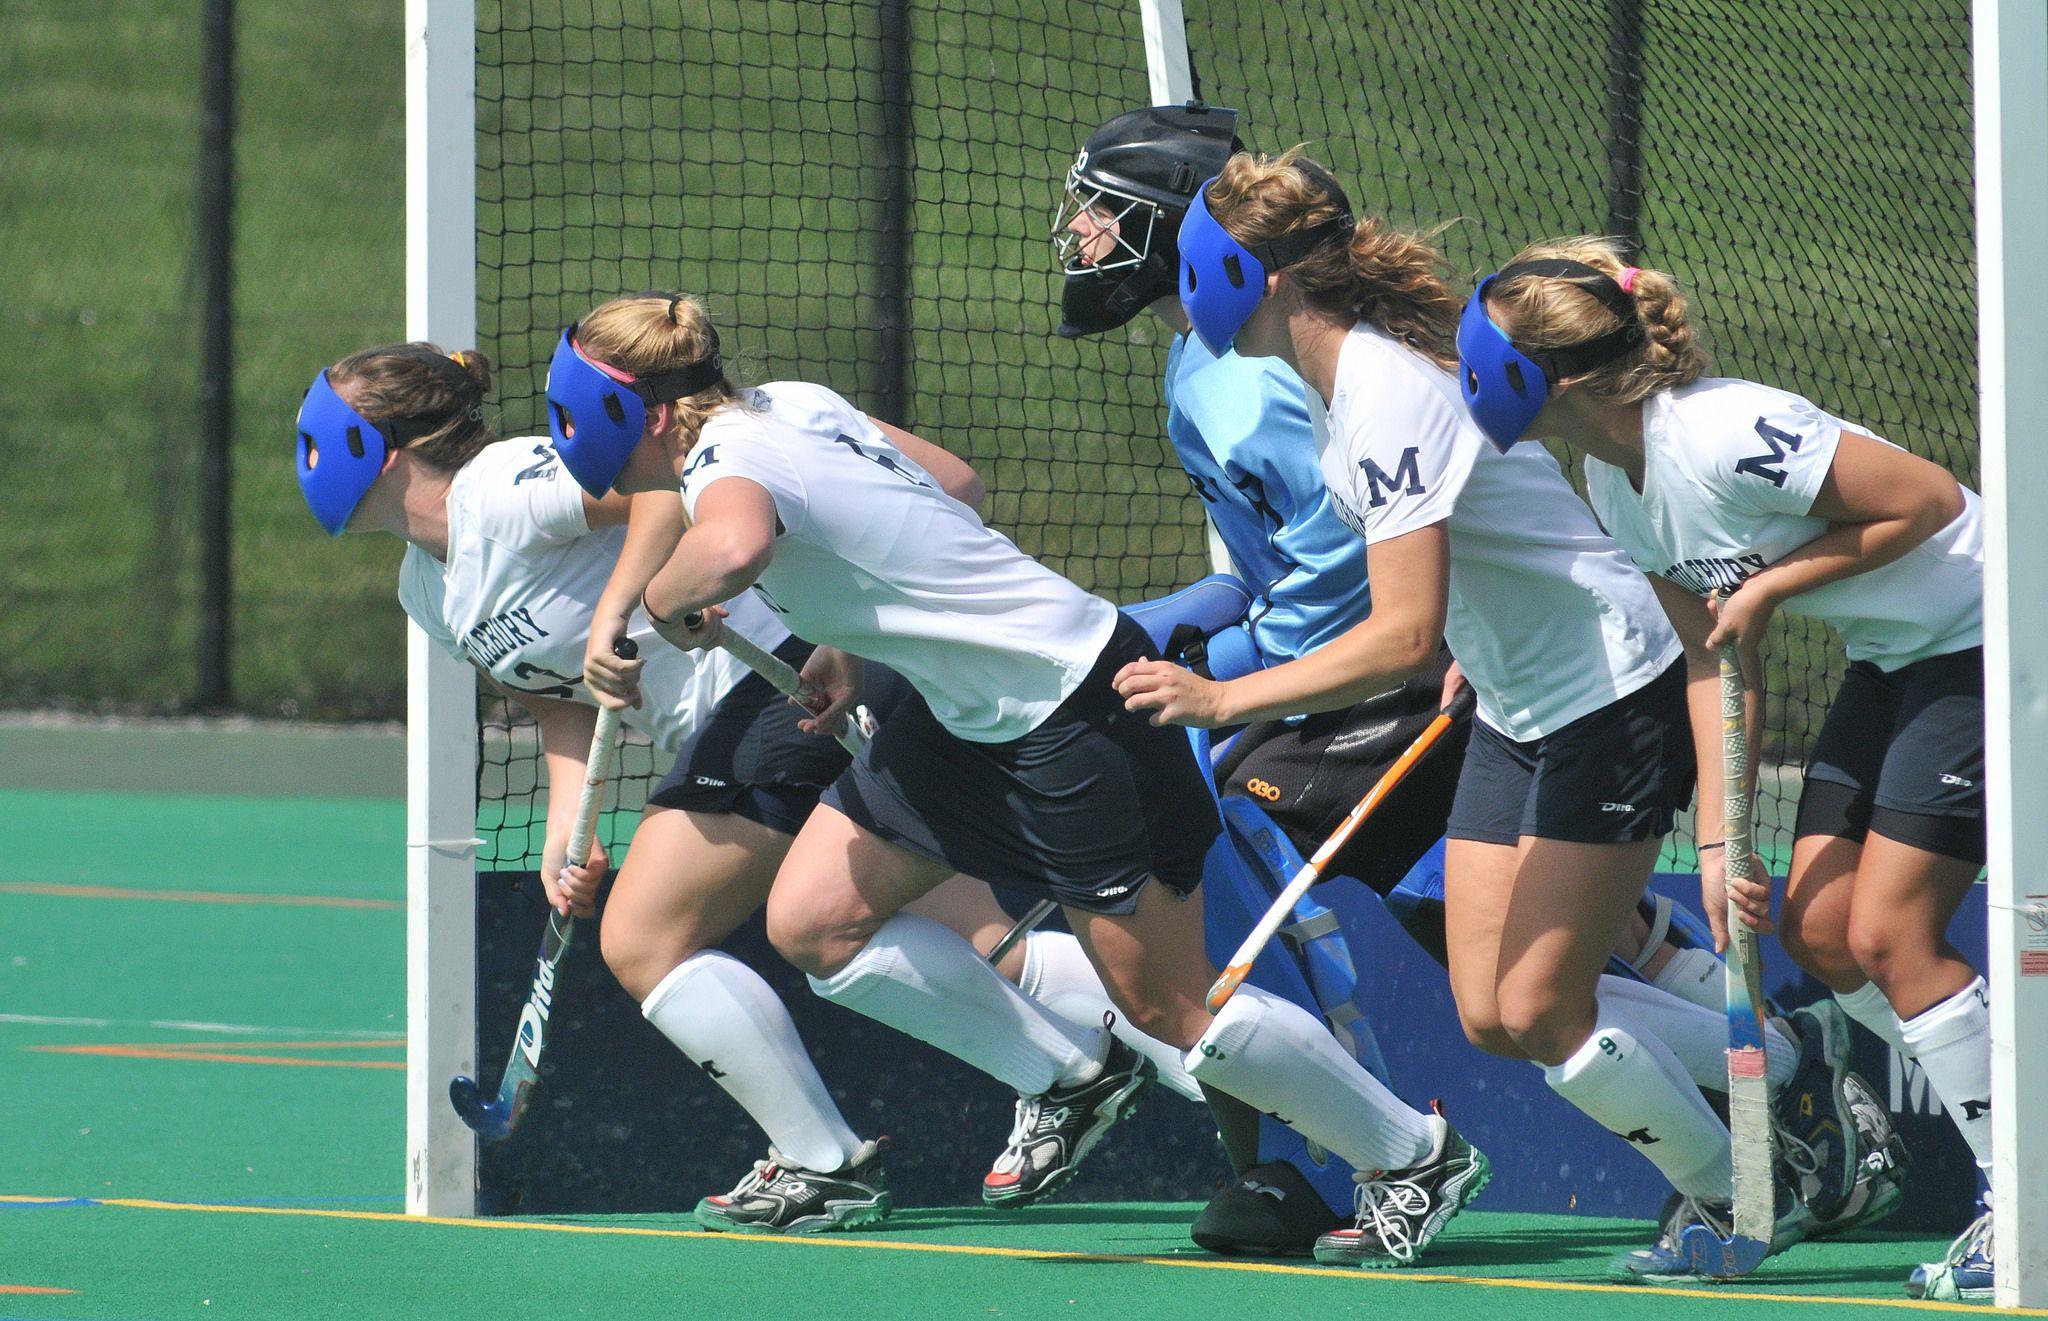 2010 Field Hockey Penalty Corner In 2020 Field Hockey Hockey Field